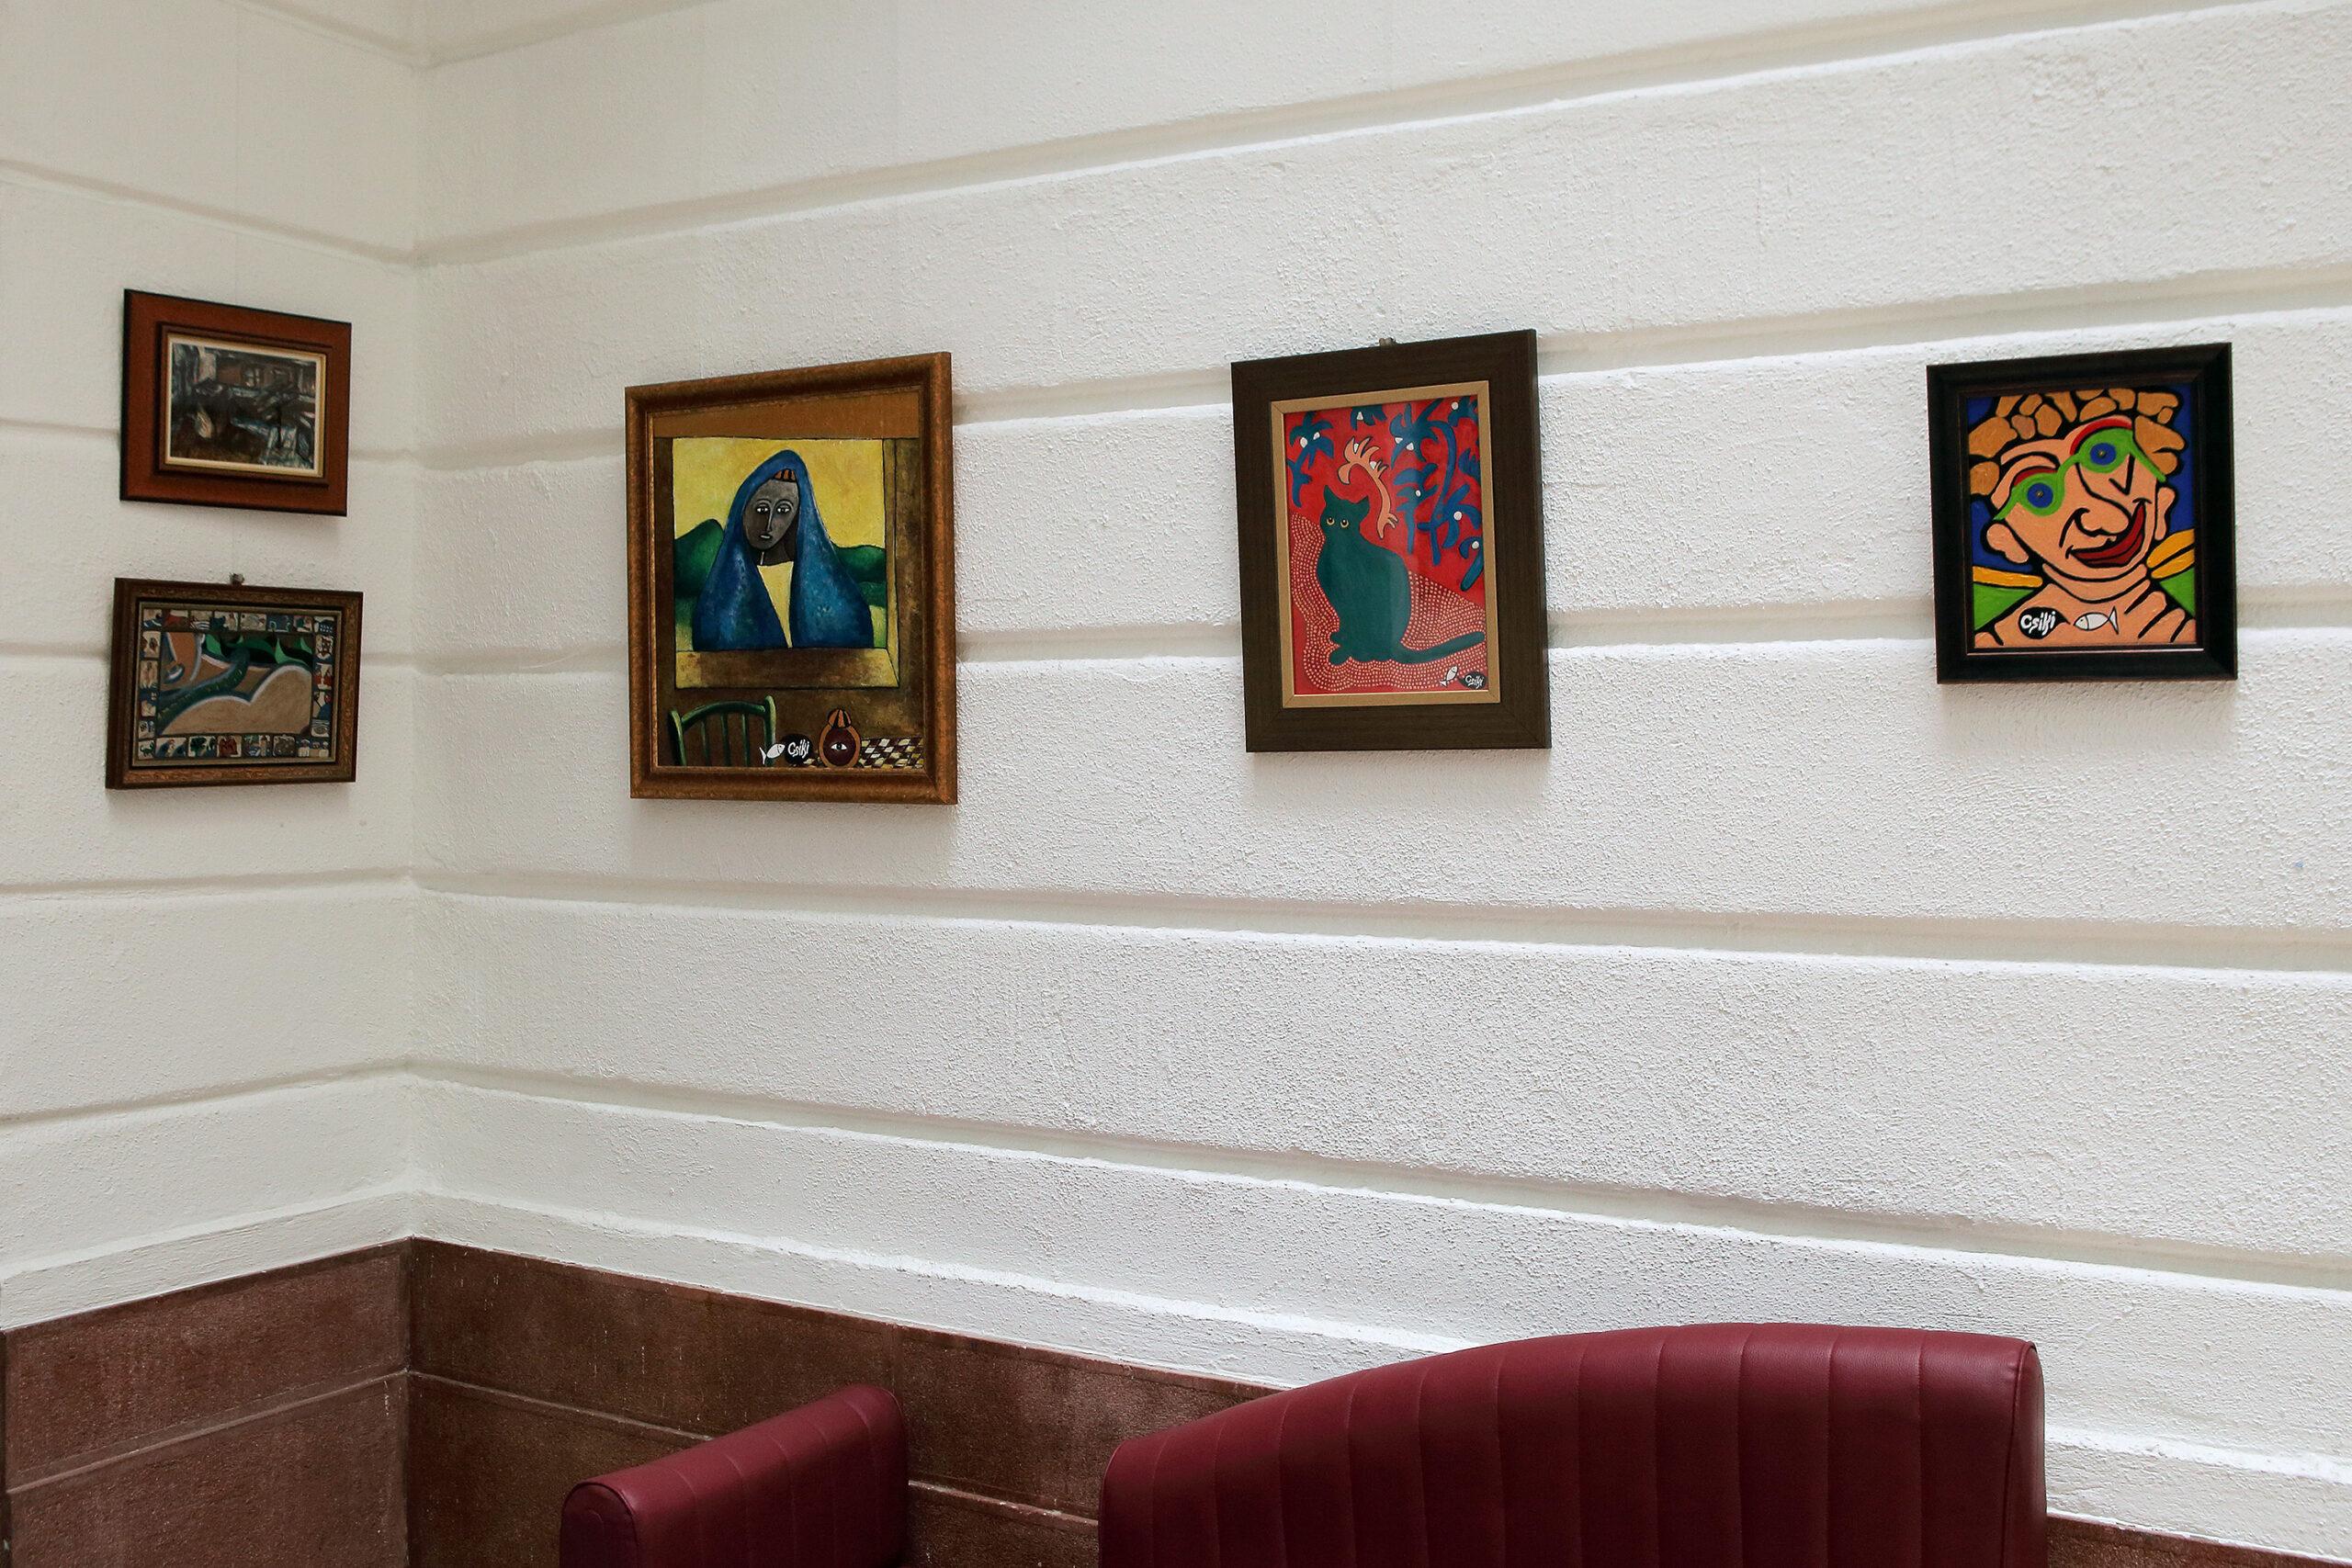 """2020. augusztus 5. Aranytíz Kultúrház: az """"Ördög a teraszon"""" című kiállításom megnyitóján. A kiállításon néhány korábban festett kép is szerepelt, mint a bal felső sarokban látható (1972), az alatta lévő (2002) és a mellettük lévő, nagyobb méretű kép (1980)."""